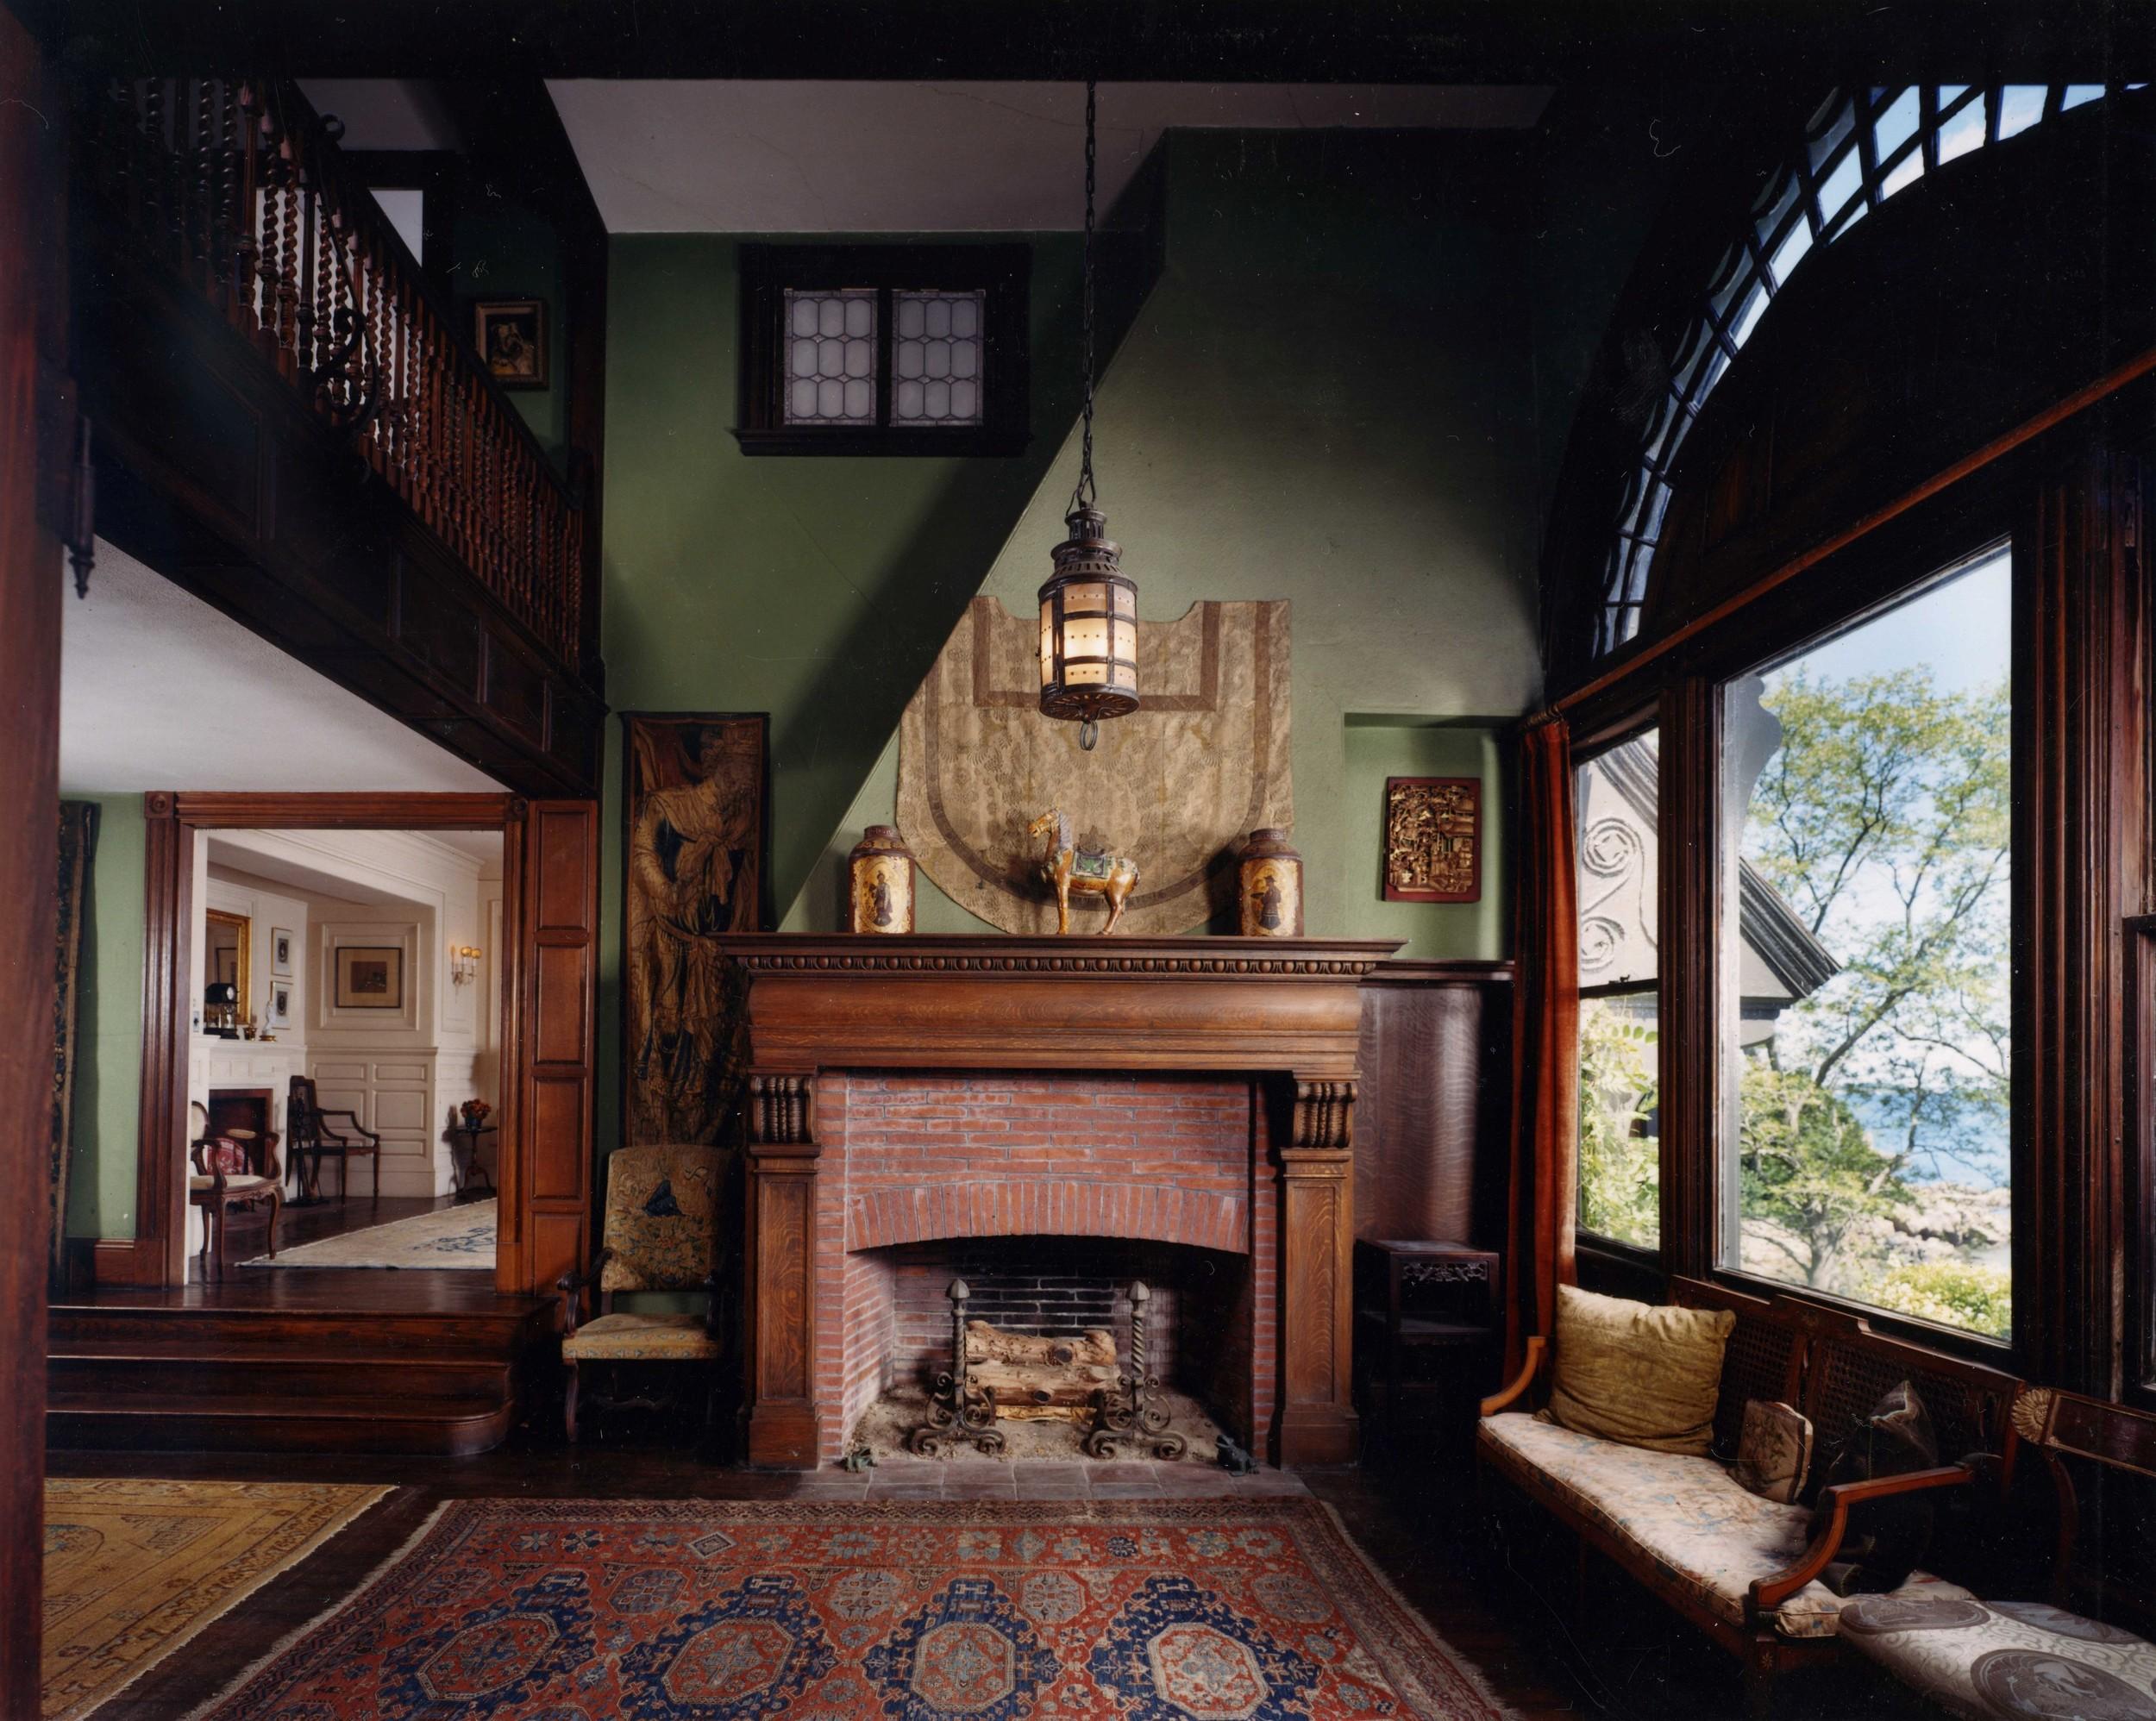 Stair Hall Fireplace.jpg